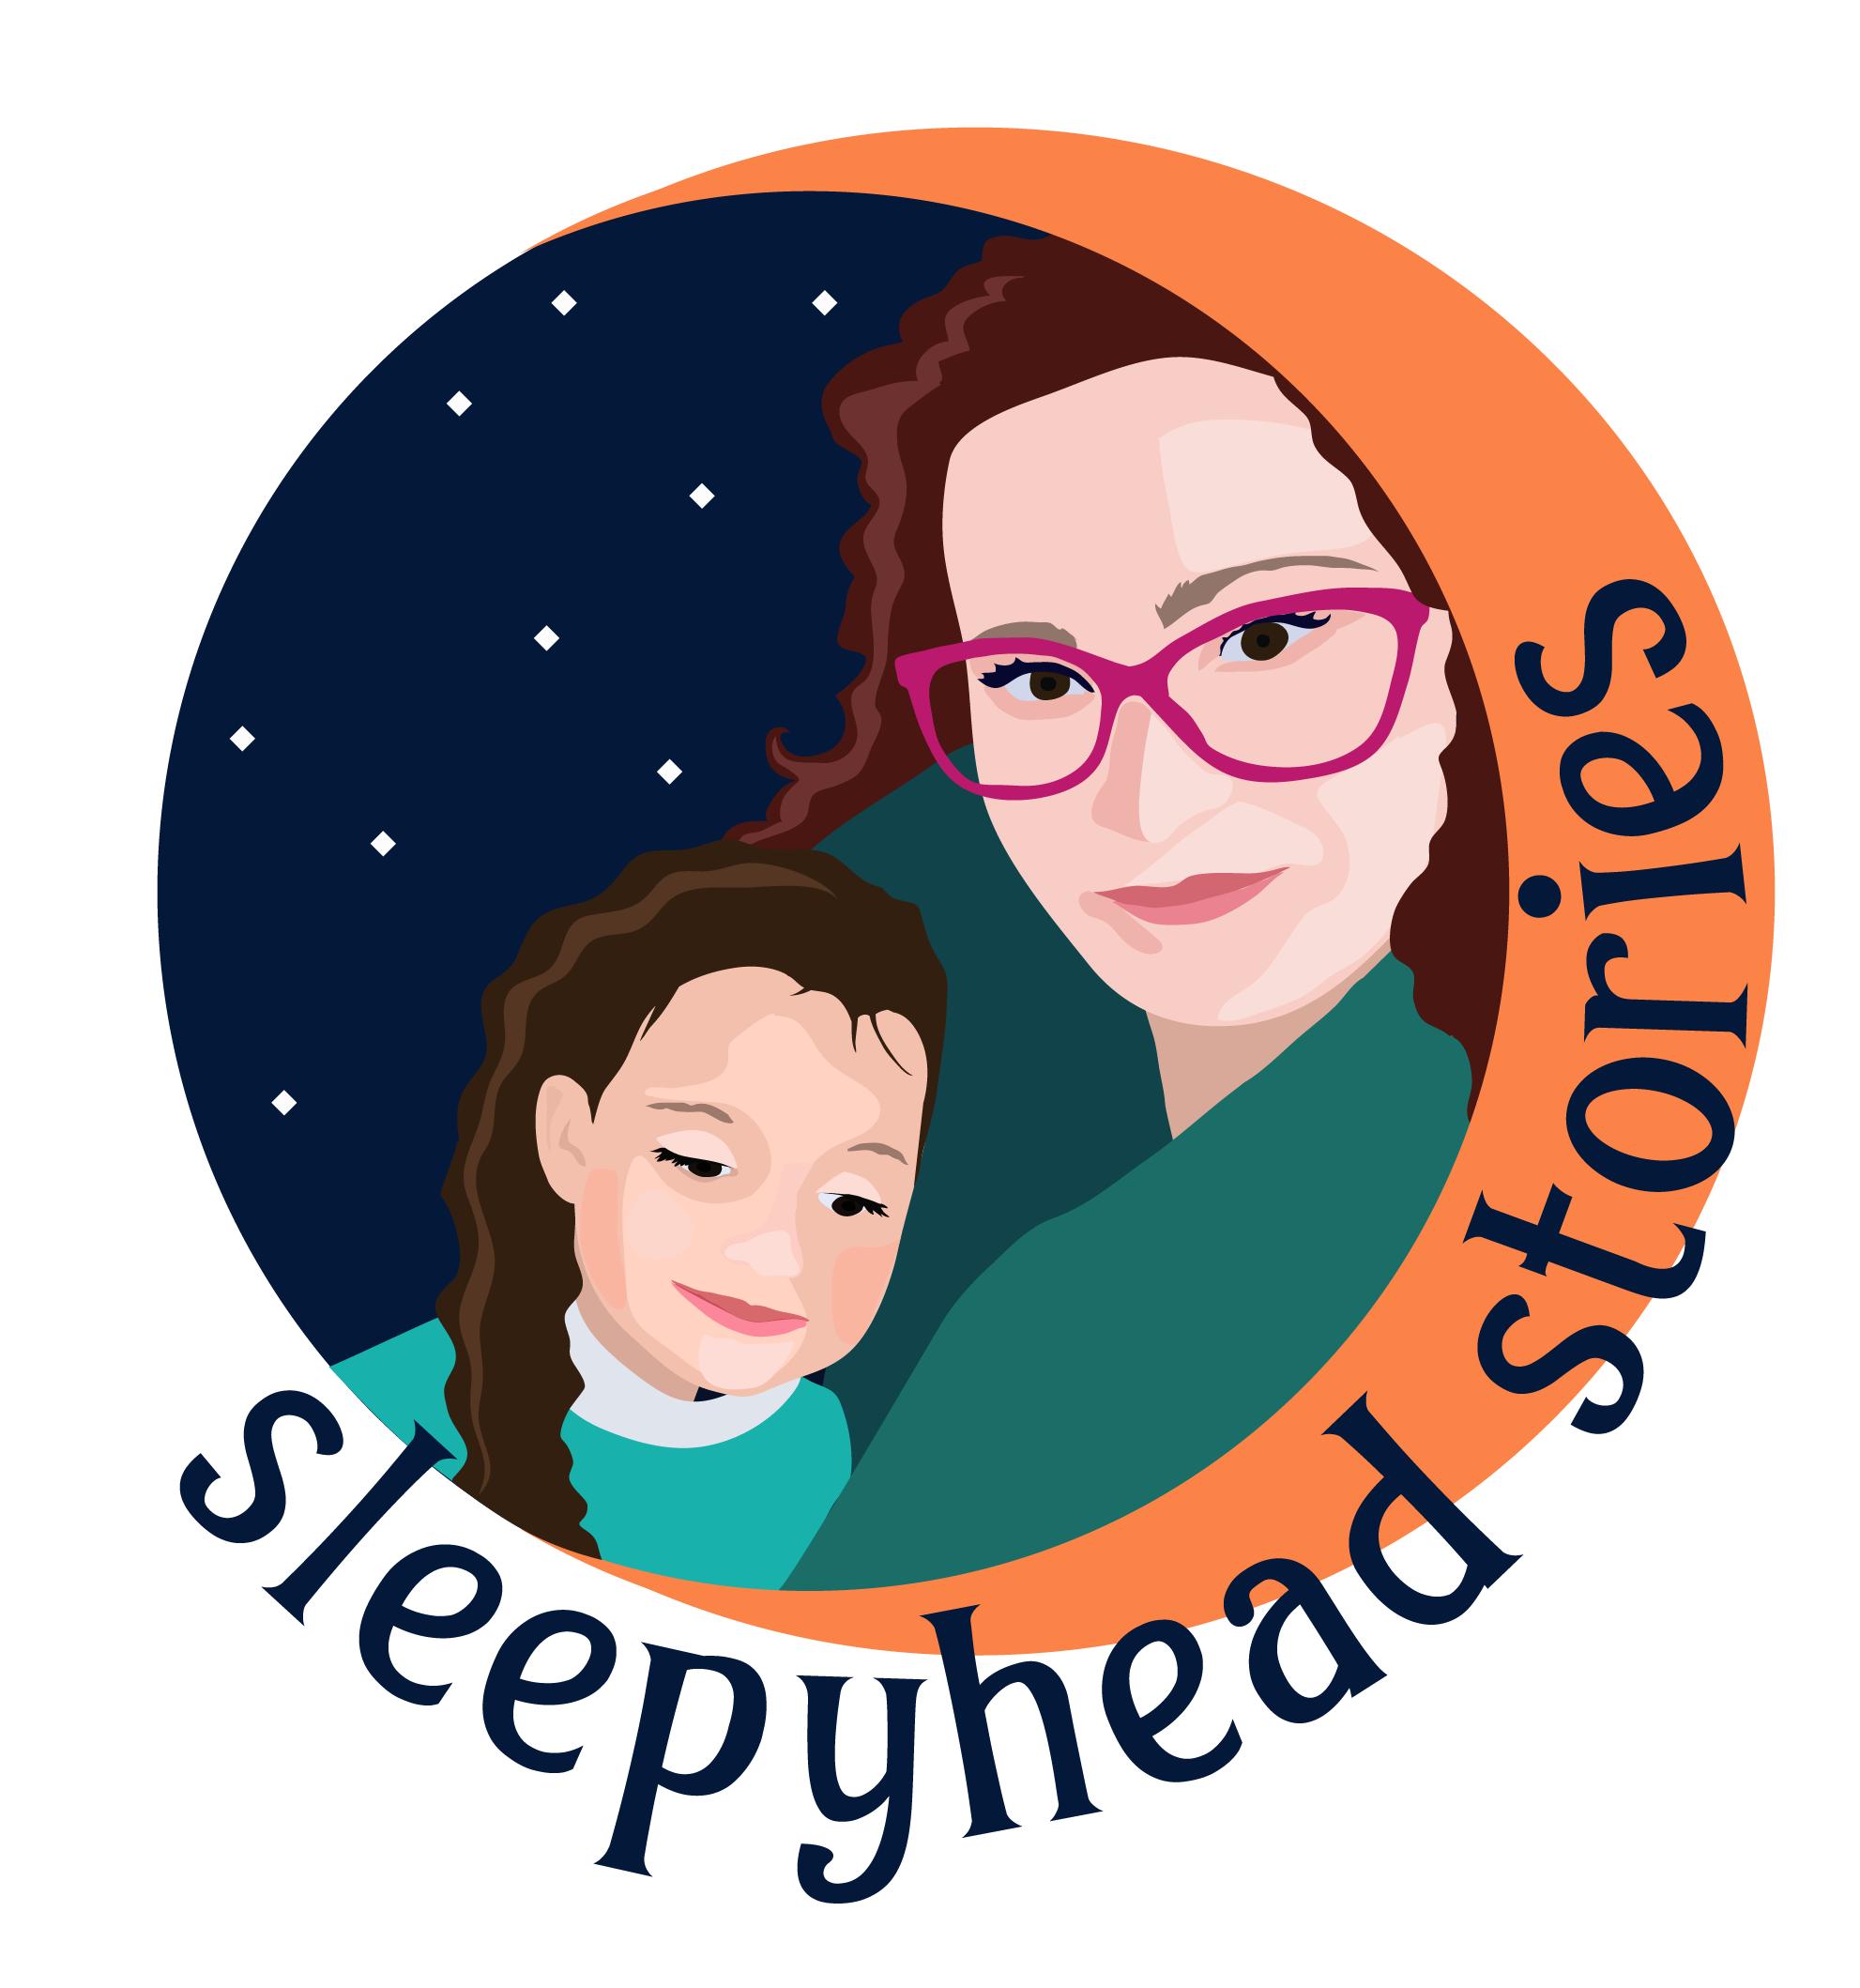 sleepyhead_4-01.png